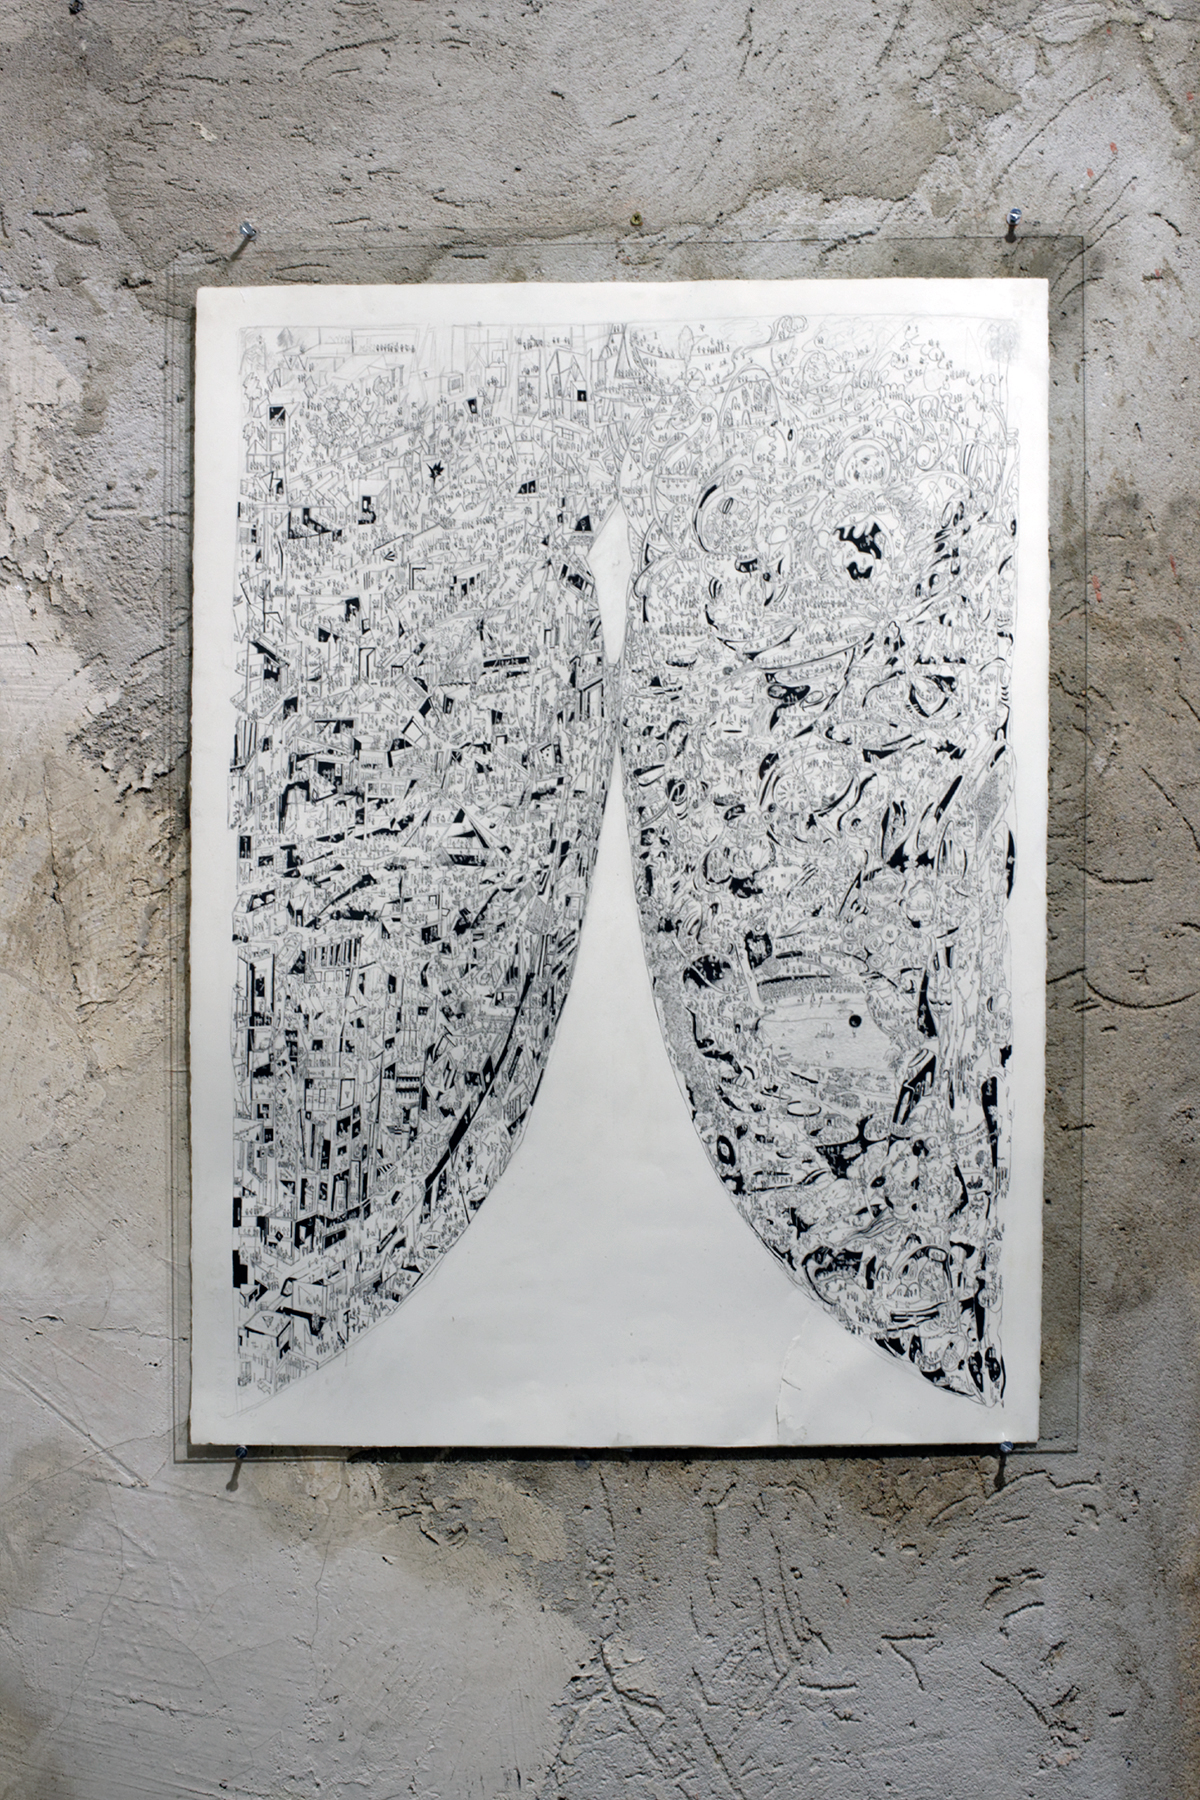 Charles-Henry de Pimodan -  tatouage  - encre de chine sur papier - 76 x 56 cm - 2016